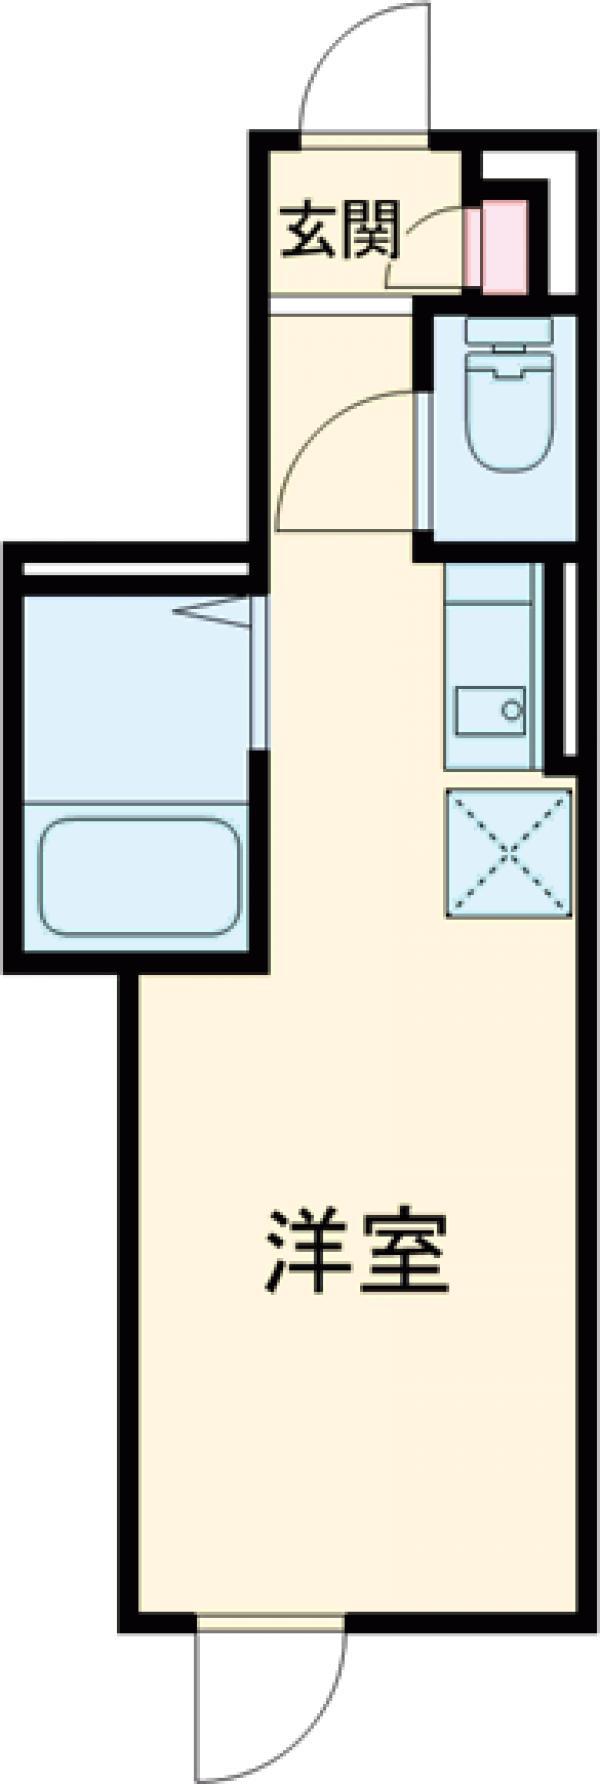 リブリ・MIMUⅢ 205号室の間取り